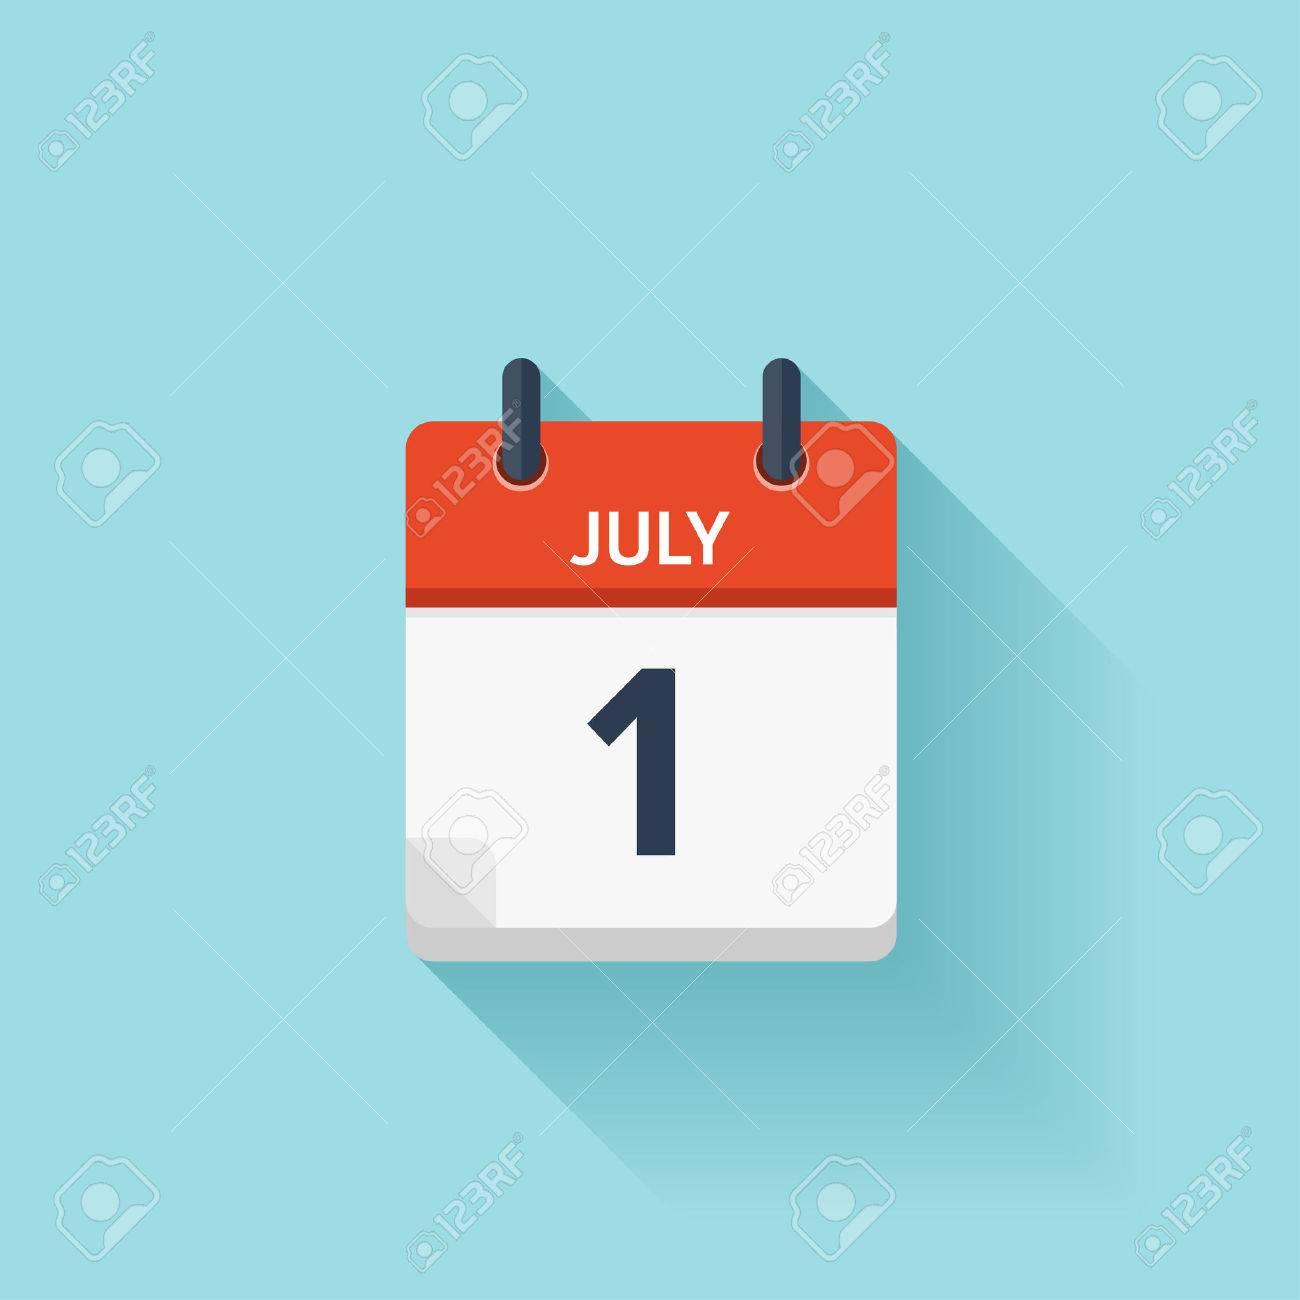 Calendario Diario.El 1 De Julio Del Vector Plana Icono De Calendario Diario Fecha Y Hora Dia Mes Fiesta